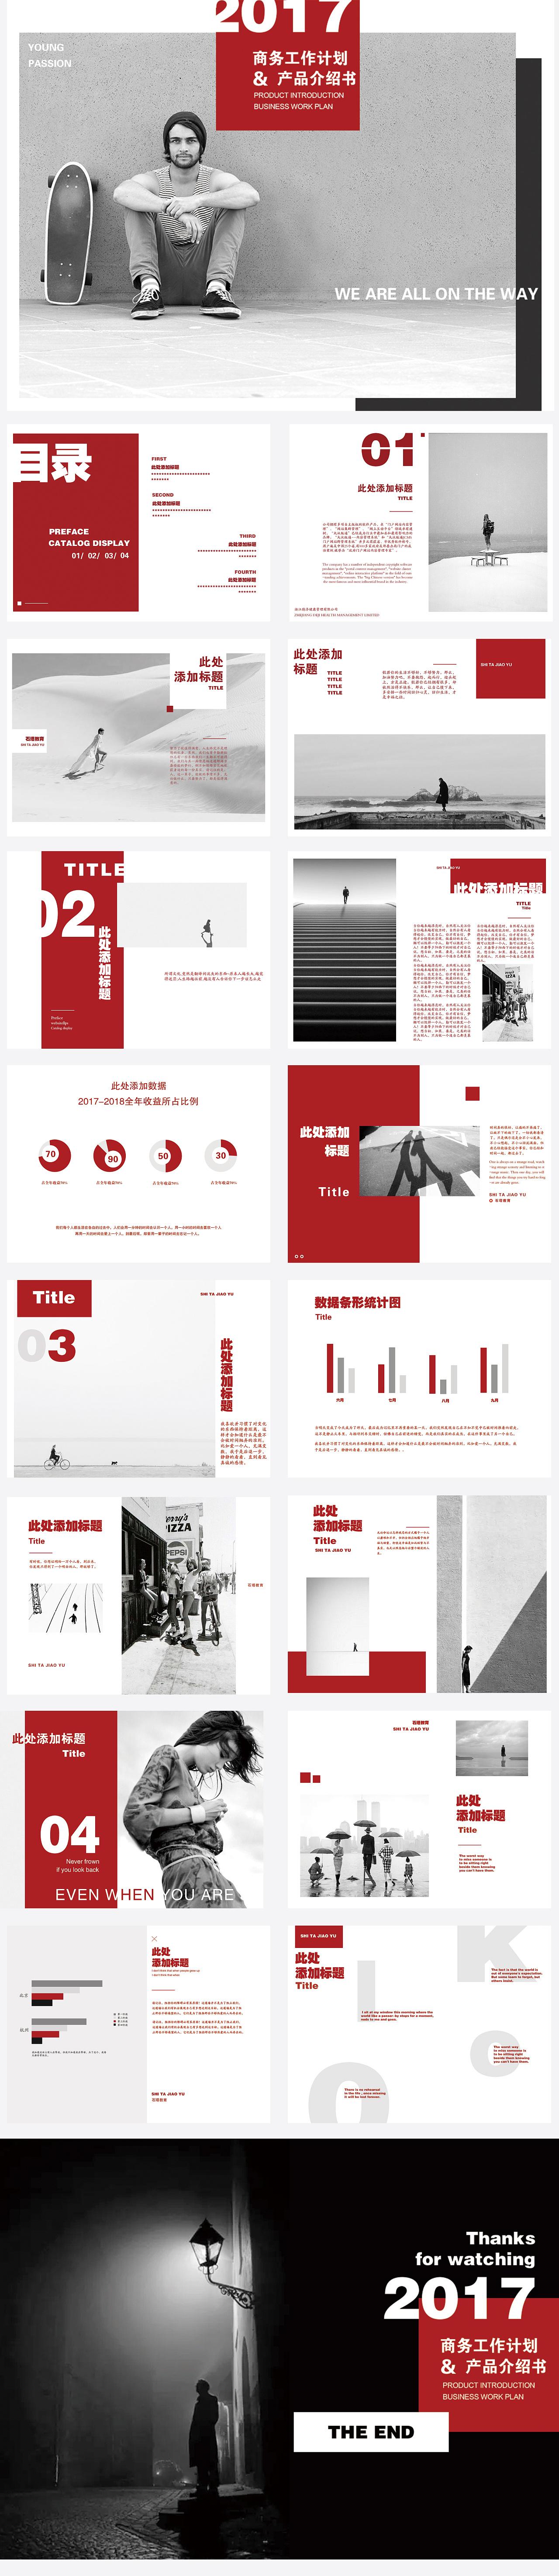 ppt版式设计图片